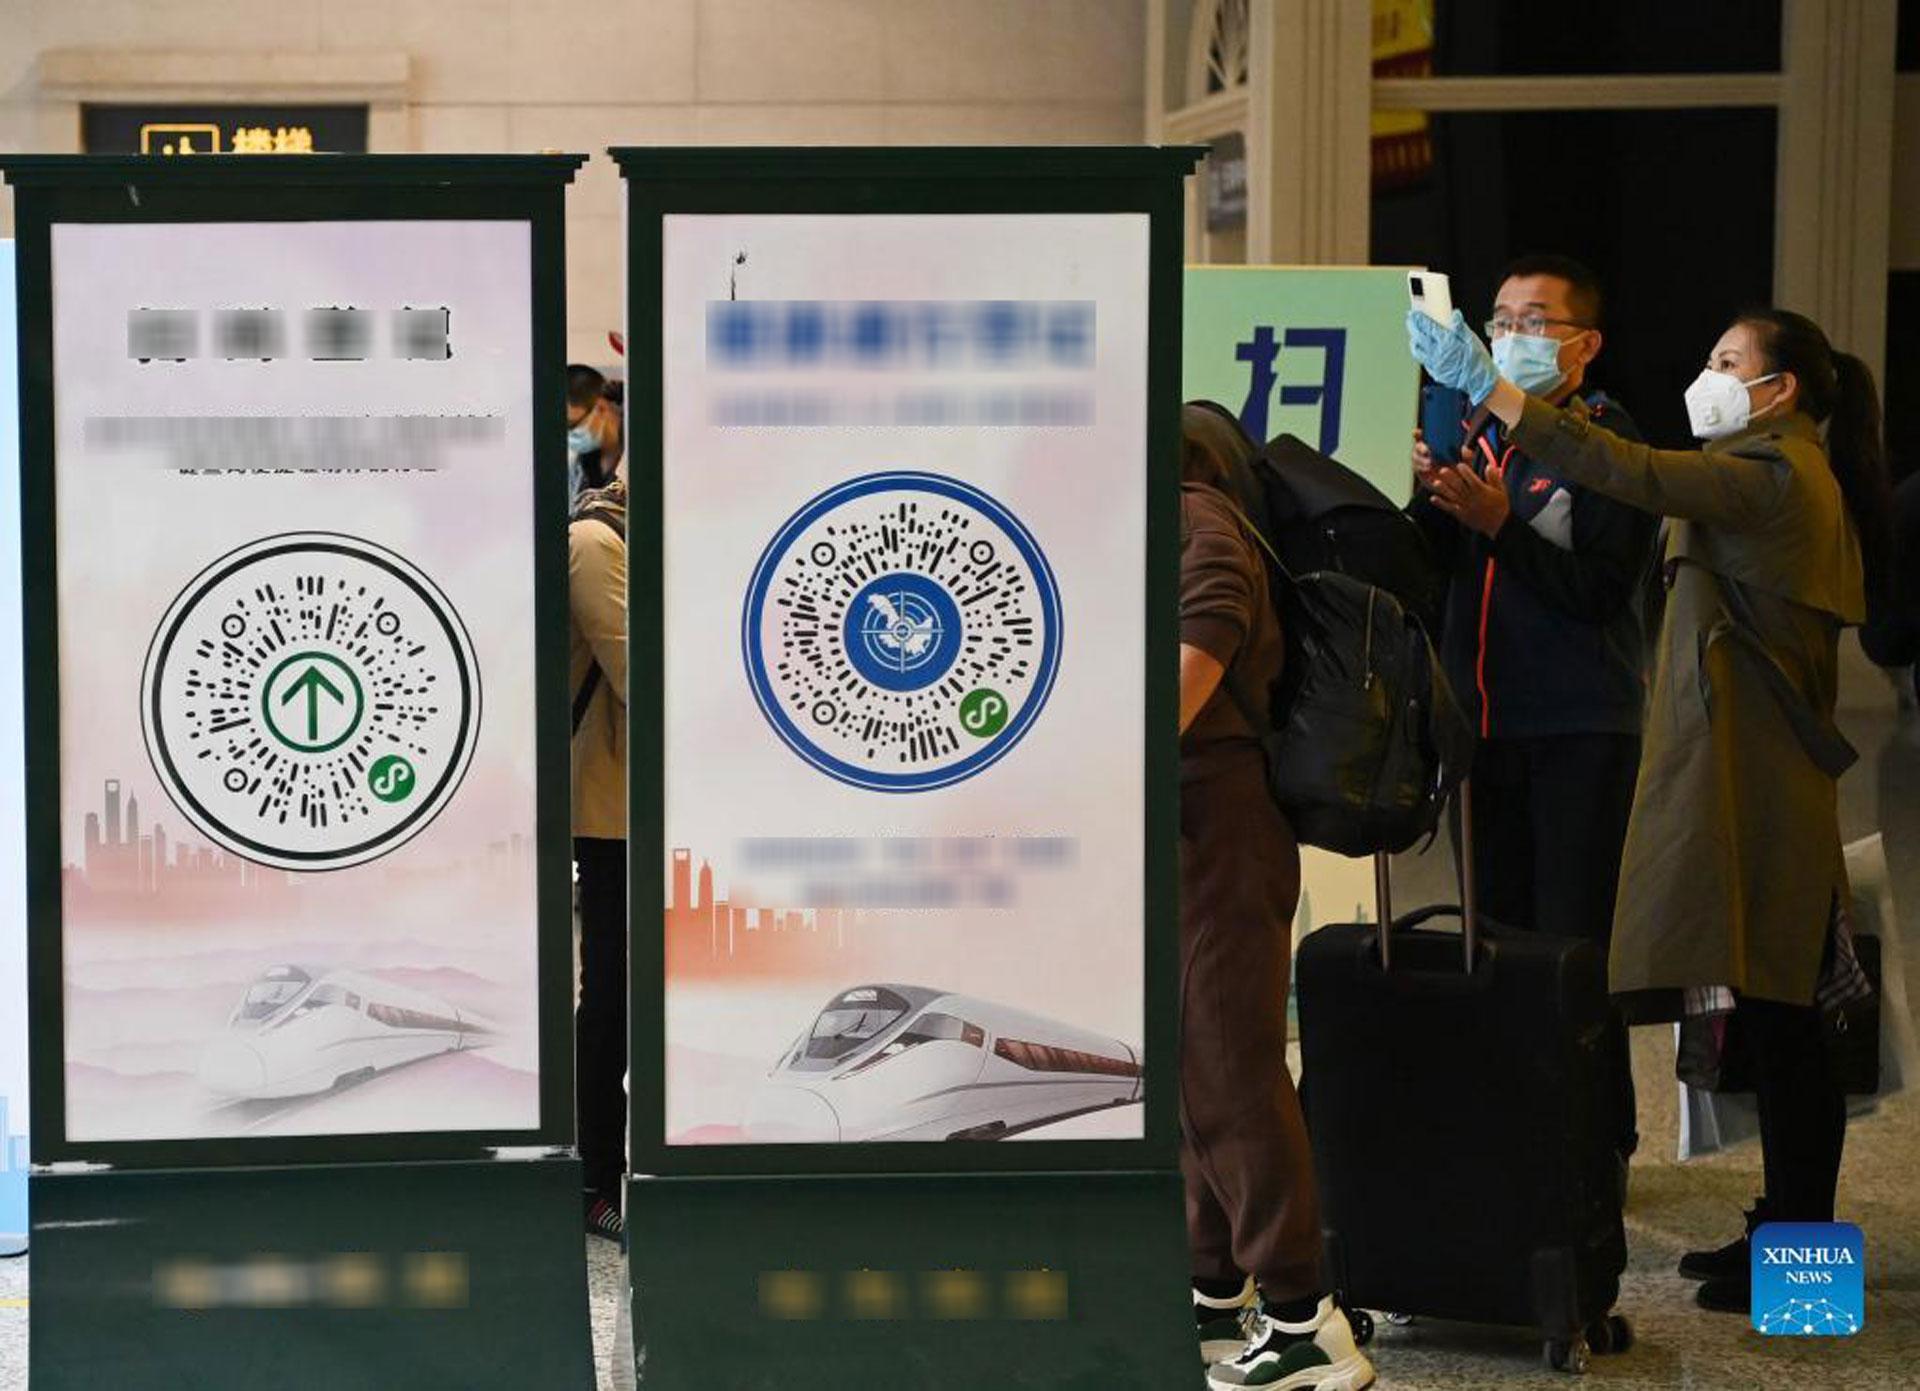 Hành khách quét mã QR trước khi vào ga xe lửa Cáp Nhĩ Tân, tỉnh Hắc Long Giang phía đông bắc Trung Quốc, ngày 23/9/2021. Ảnh: Xinhua